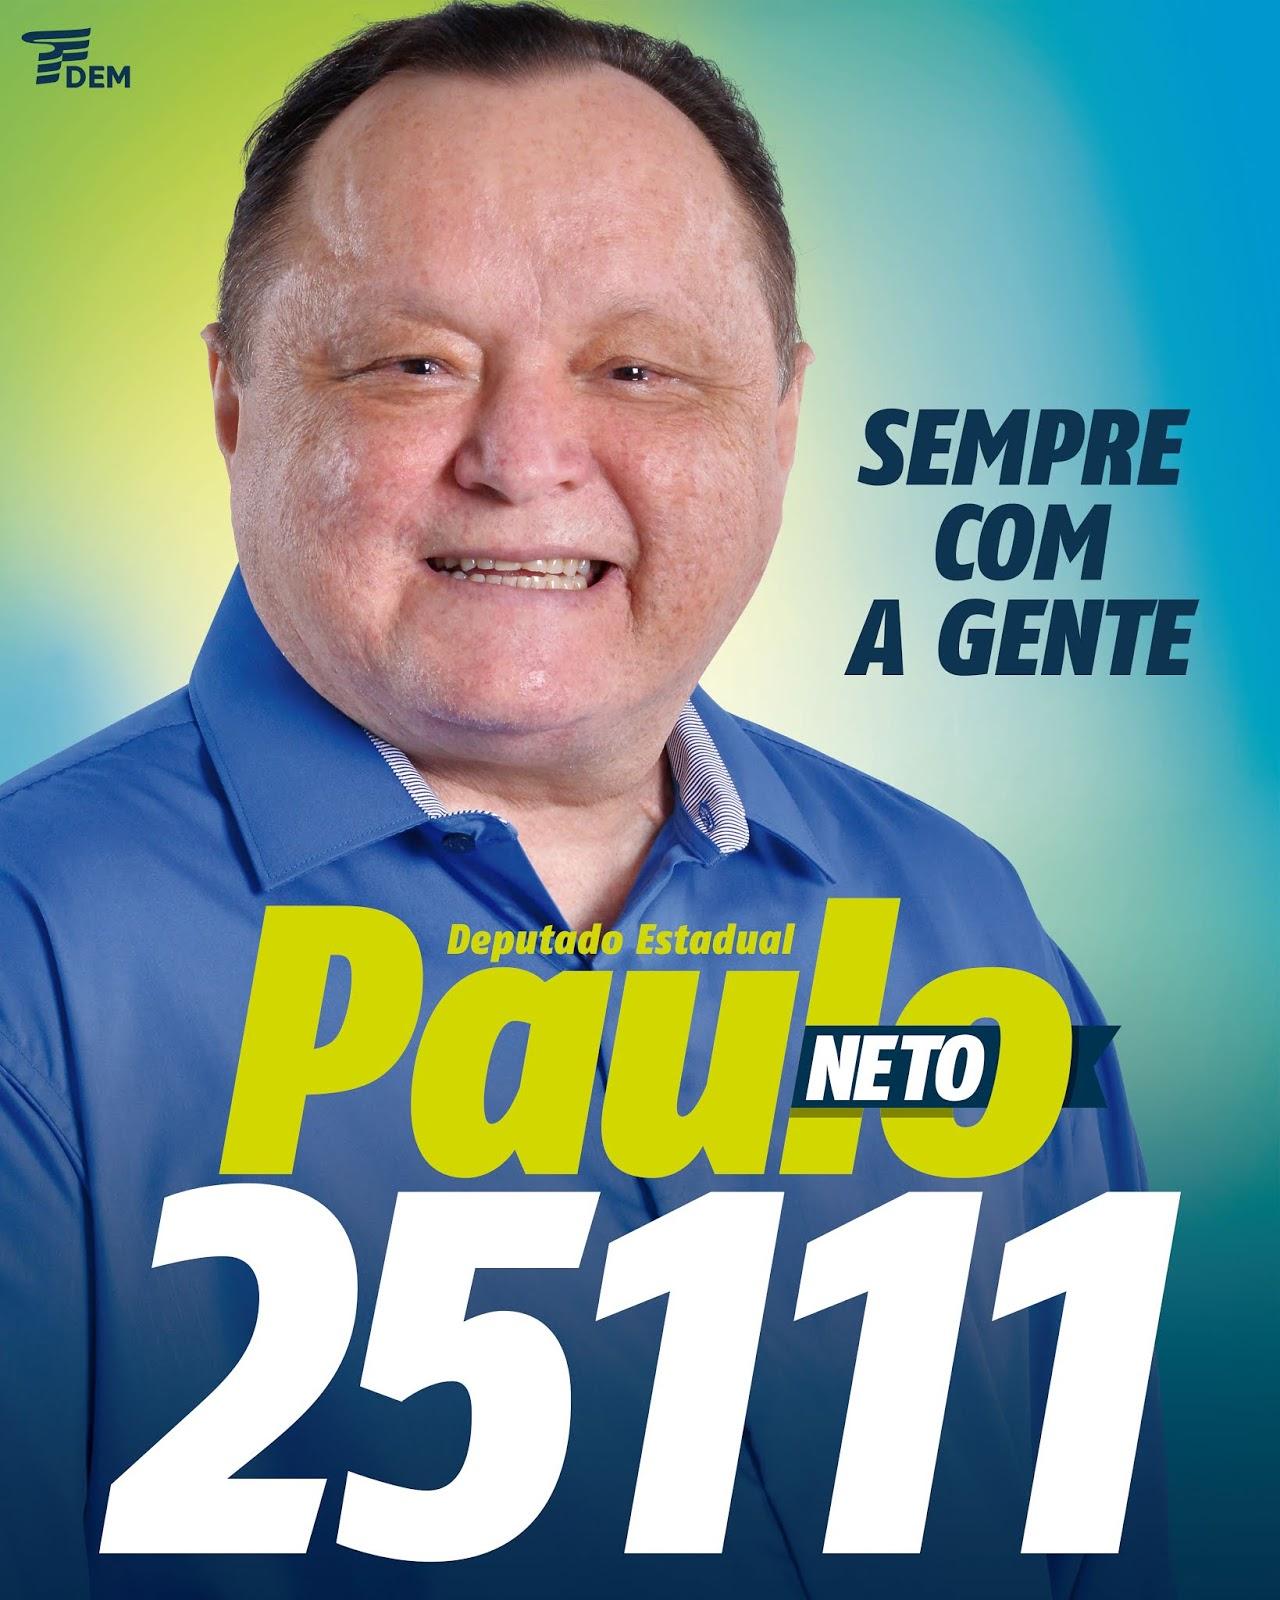 Deputado Paulo Neto inicia campanha eleitoral...